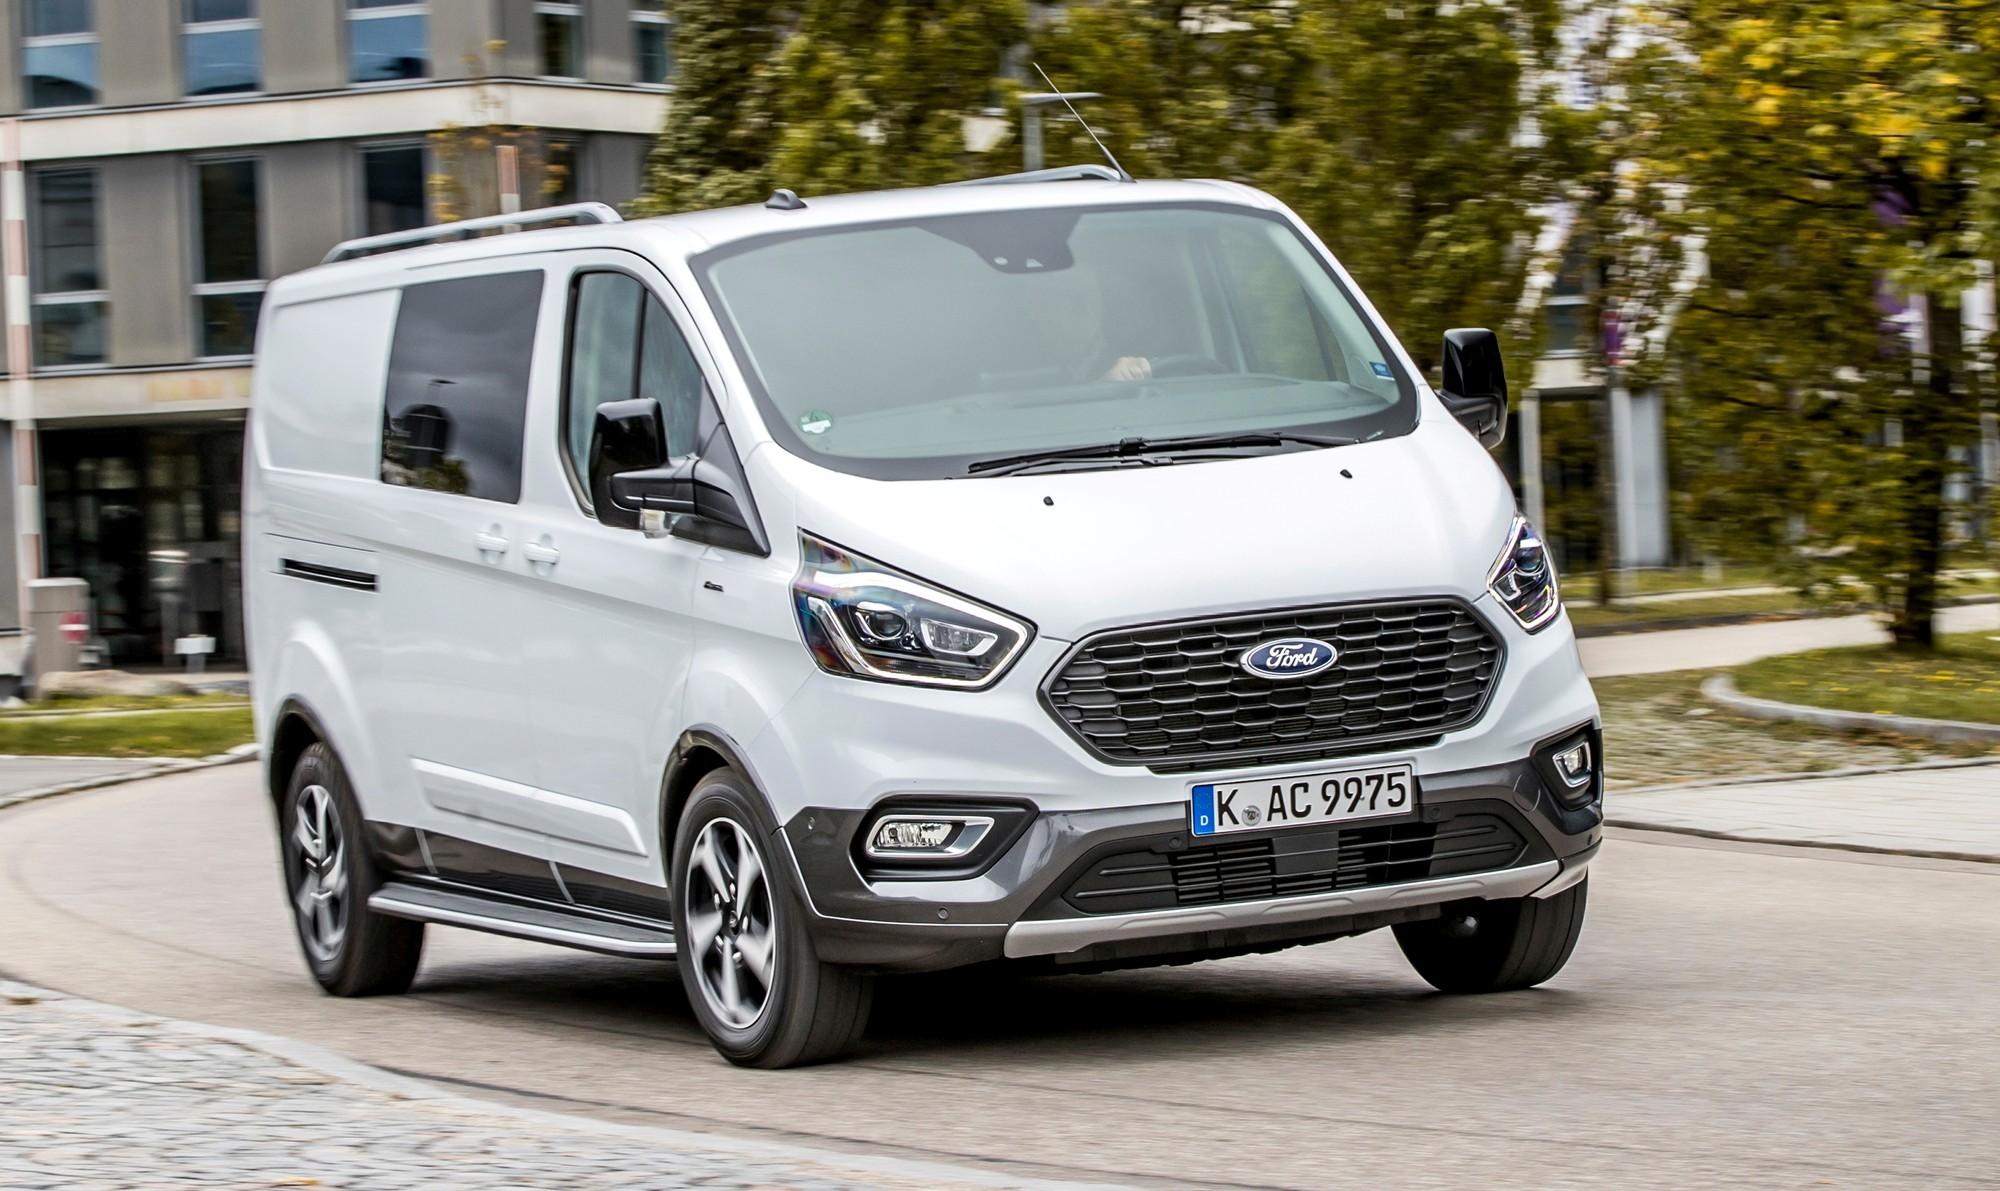 Stellantis стал абсолютным лидером европейского рынка LCV. Чем ответят Ford и VW?